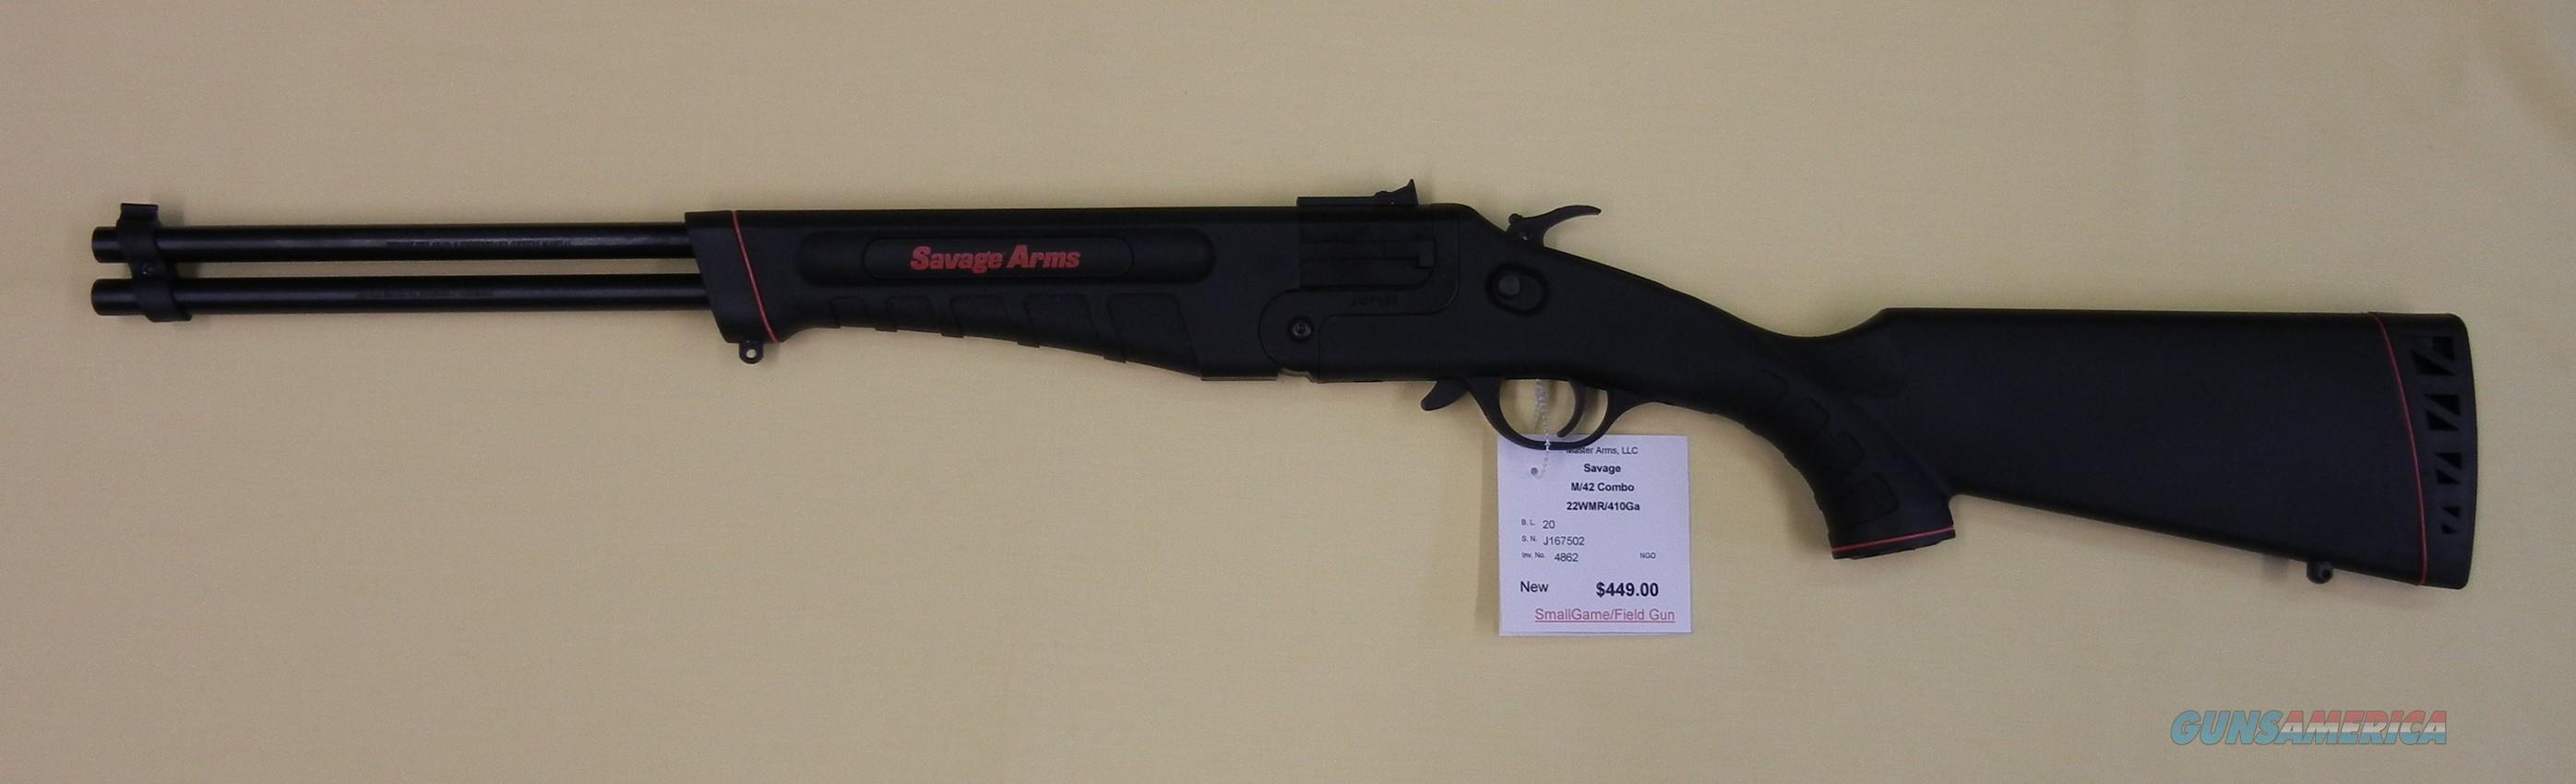 SAVAGE 42 TAKEDOWN  Guns > Rifles > Savage Rifles > 42